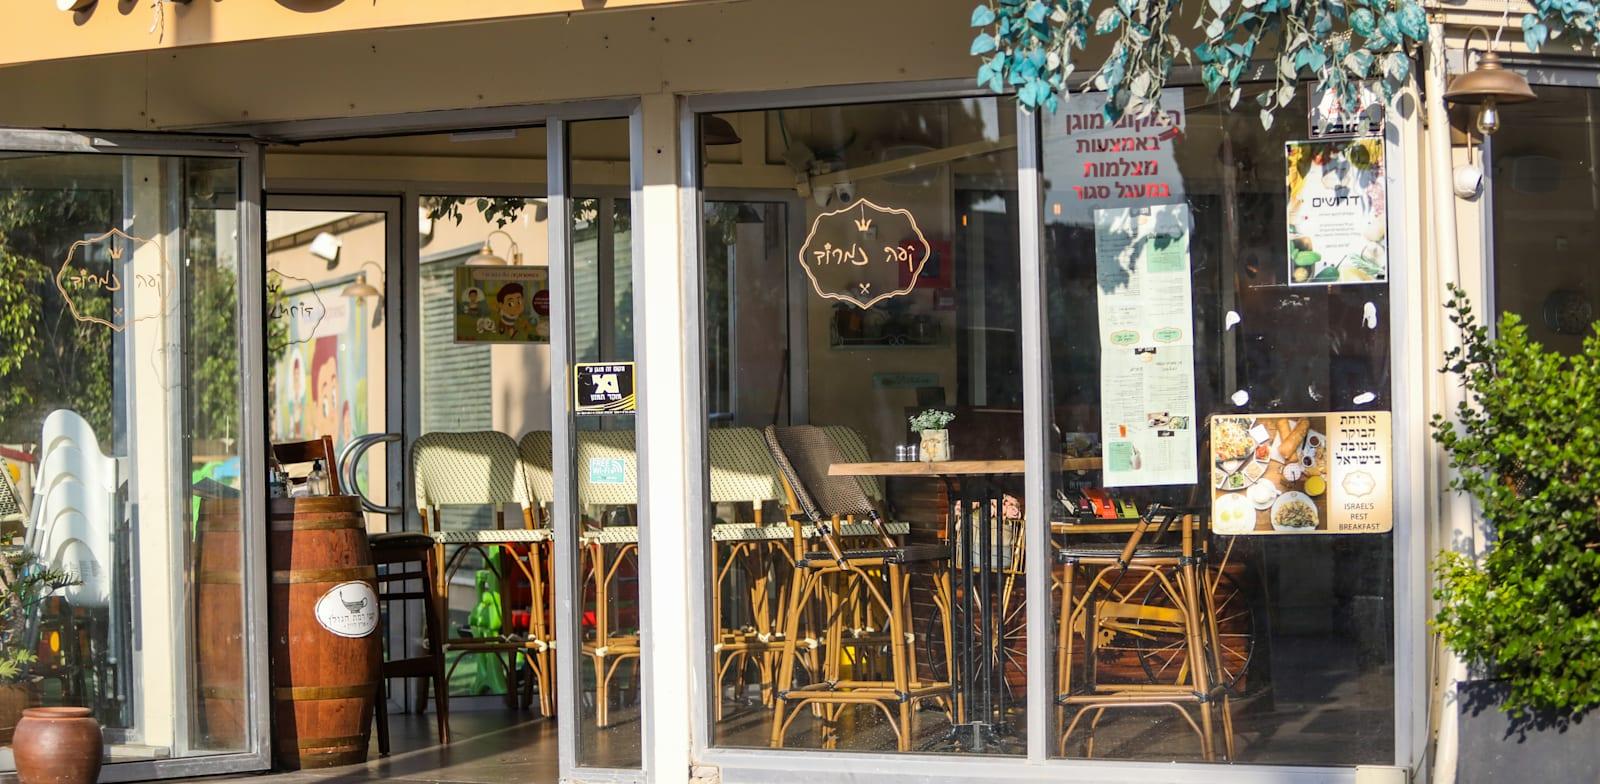 מסעדה סגורה בחיפה בזמן סגר / צילום: שלומי יוסף